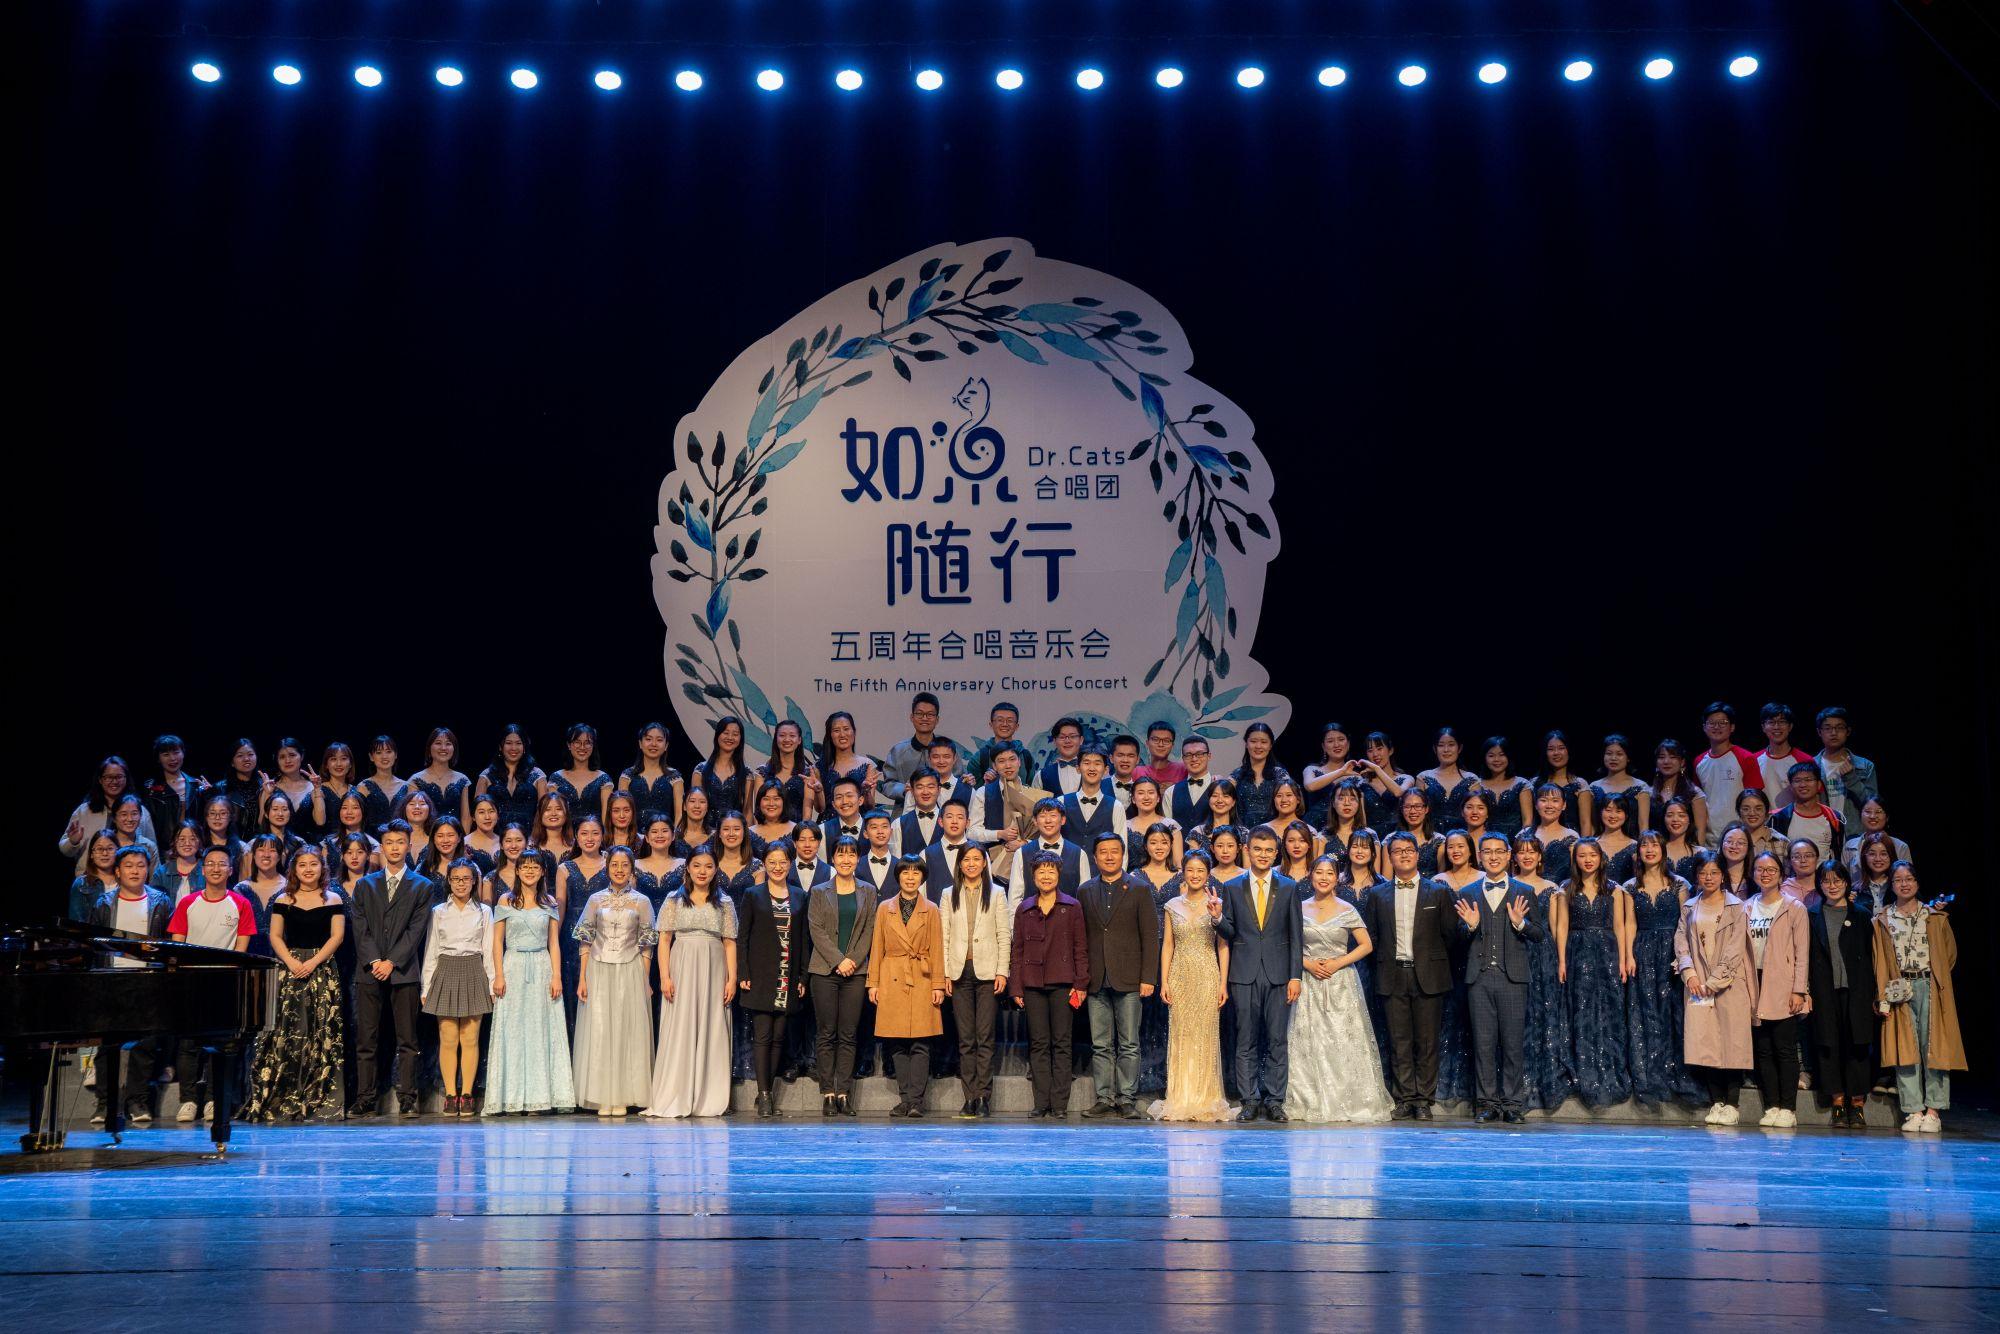 """山东大学临床医学院举行Dr.Cat合唱团""""如乐随行""""主题音乐会"""